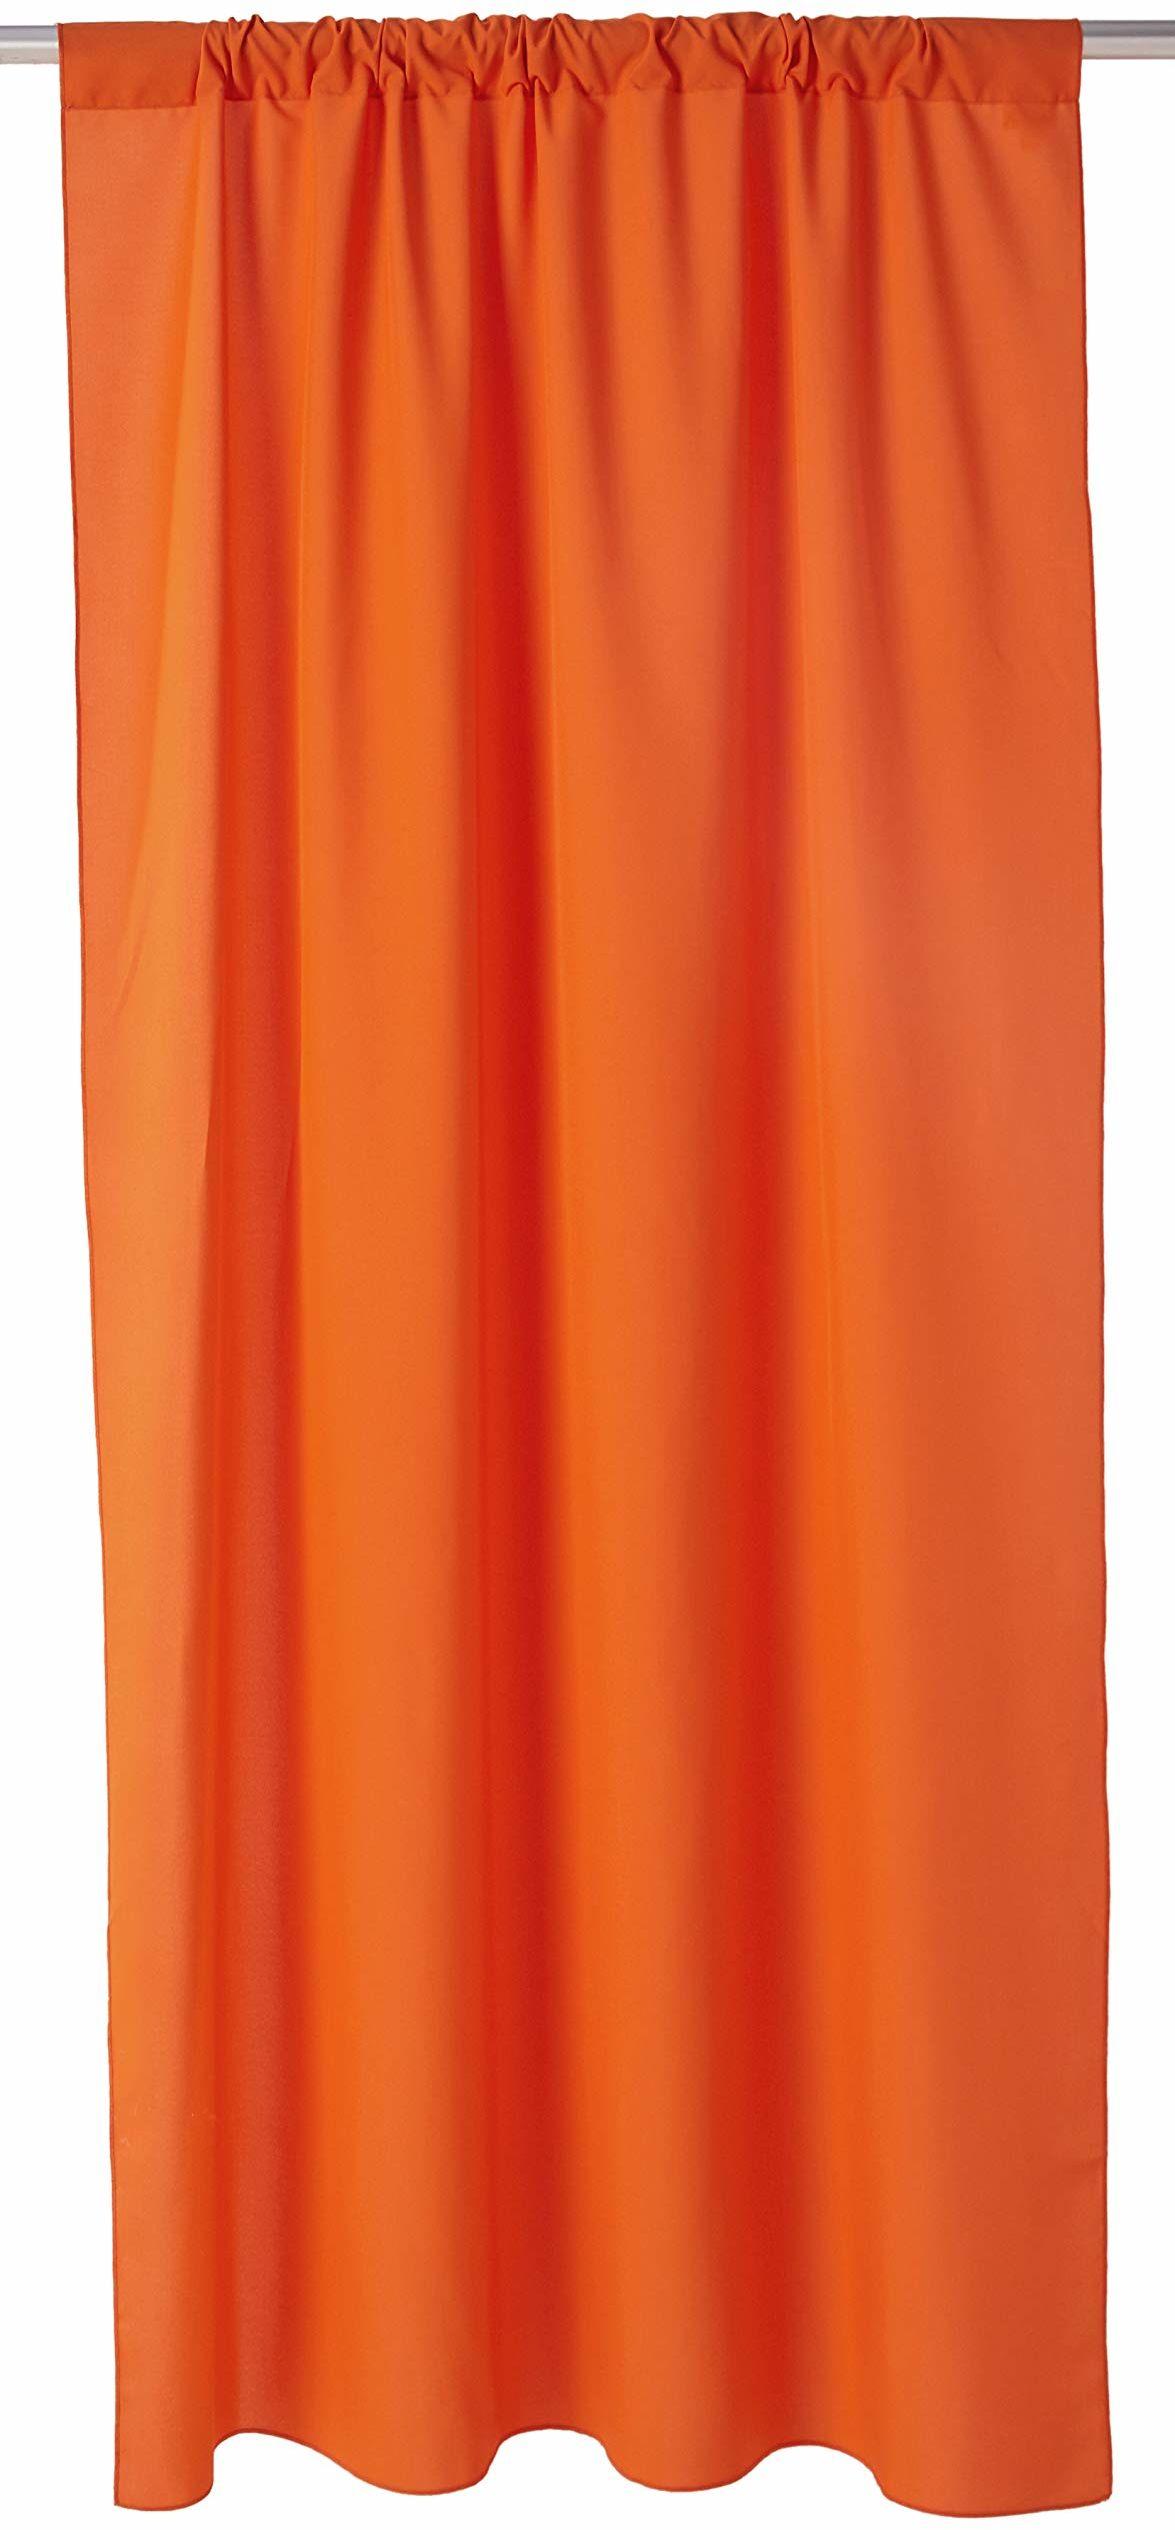 LA lniana popelina w tle zasłona, poliester, pomarańczowy, 250 x 130 cm, opakowanie 2 szt.